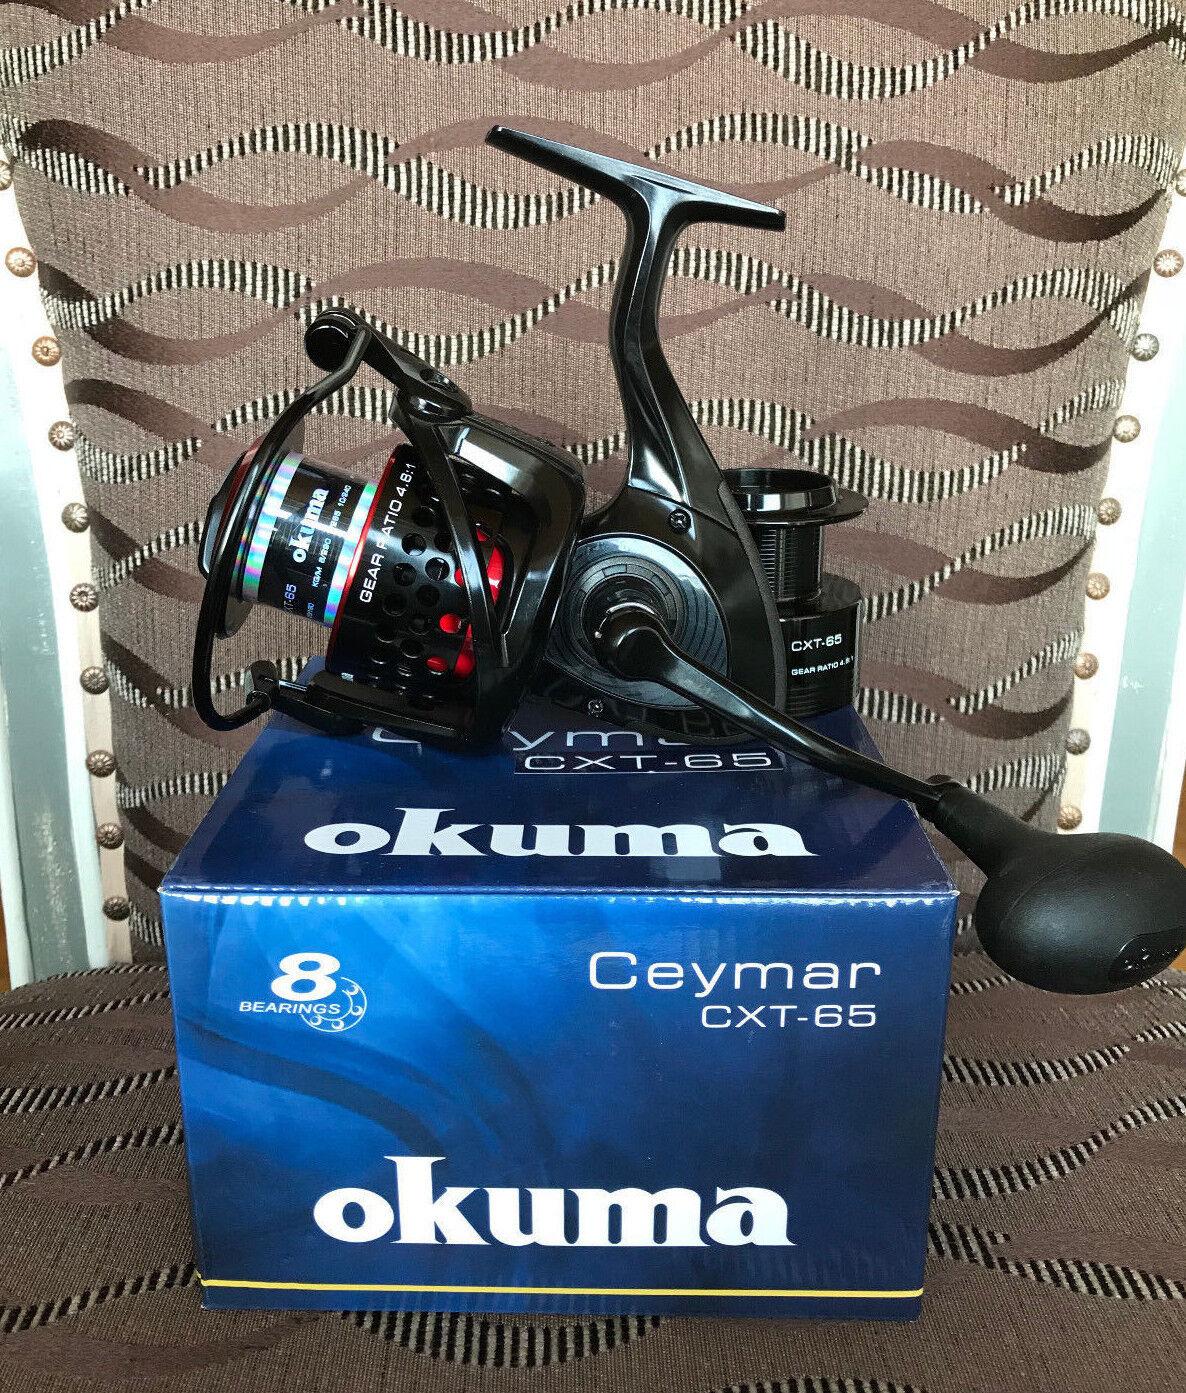 Okuma Okuma Okuma Ceymar XT CXT-65 FD Spinnrolle ef0940